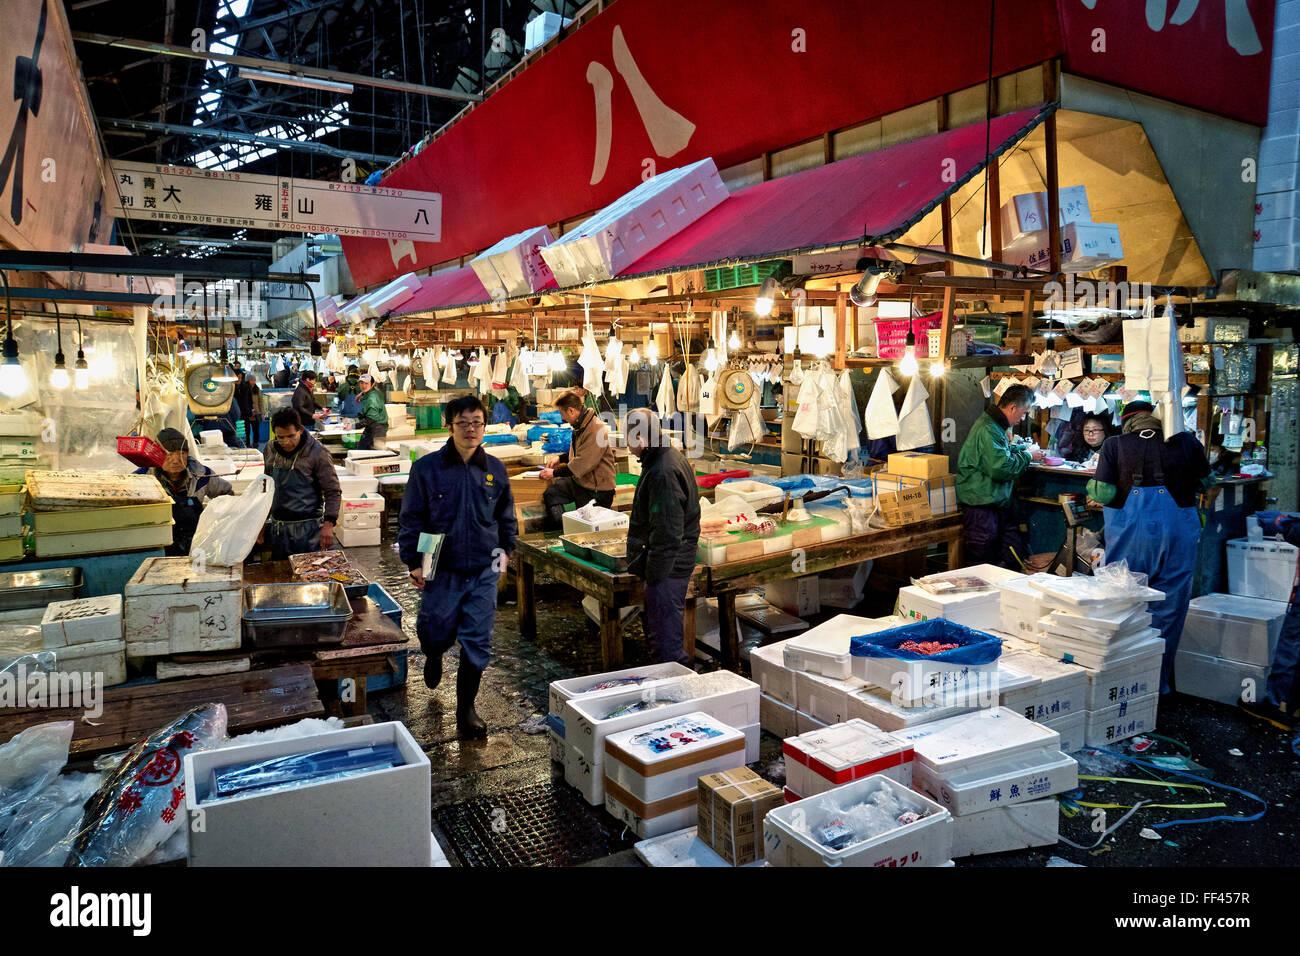 Japan, Honshu island, Kanto, Tokyo, Tsukiji market - Stock Image